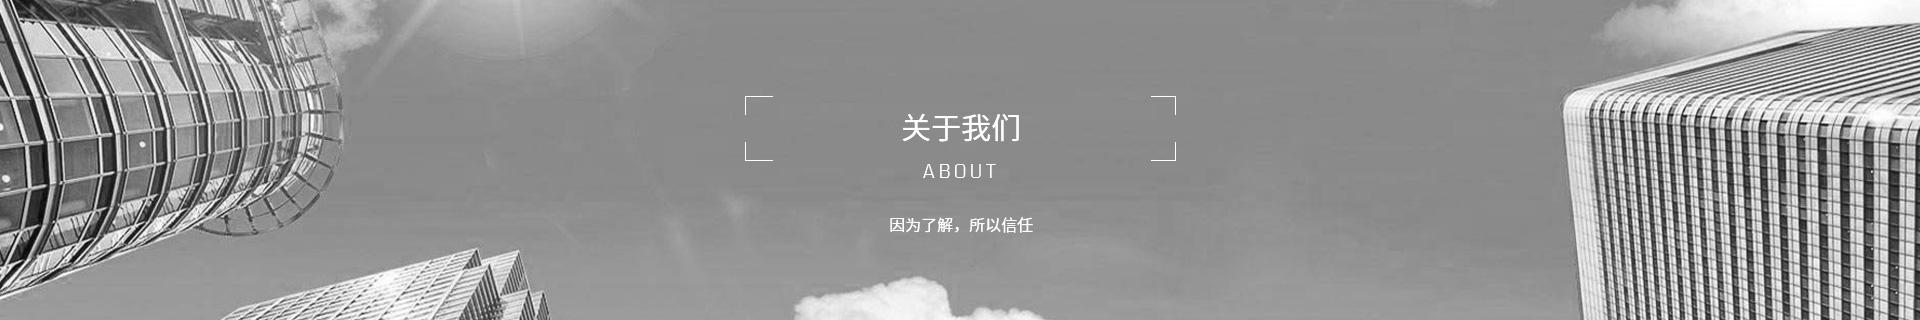 宜昌市西陵区福鑫制冷配件厂